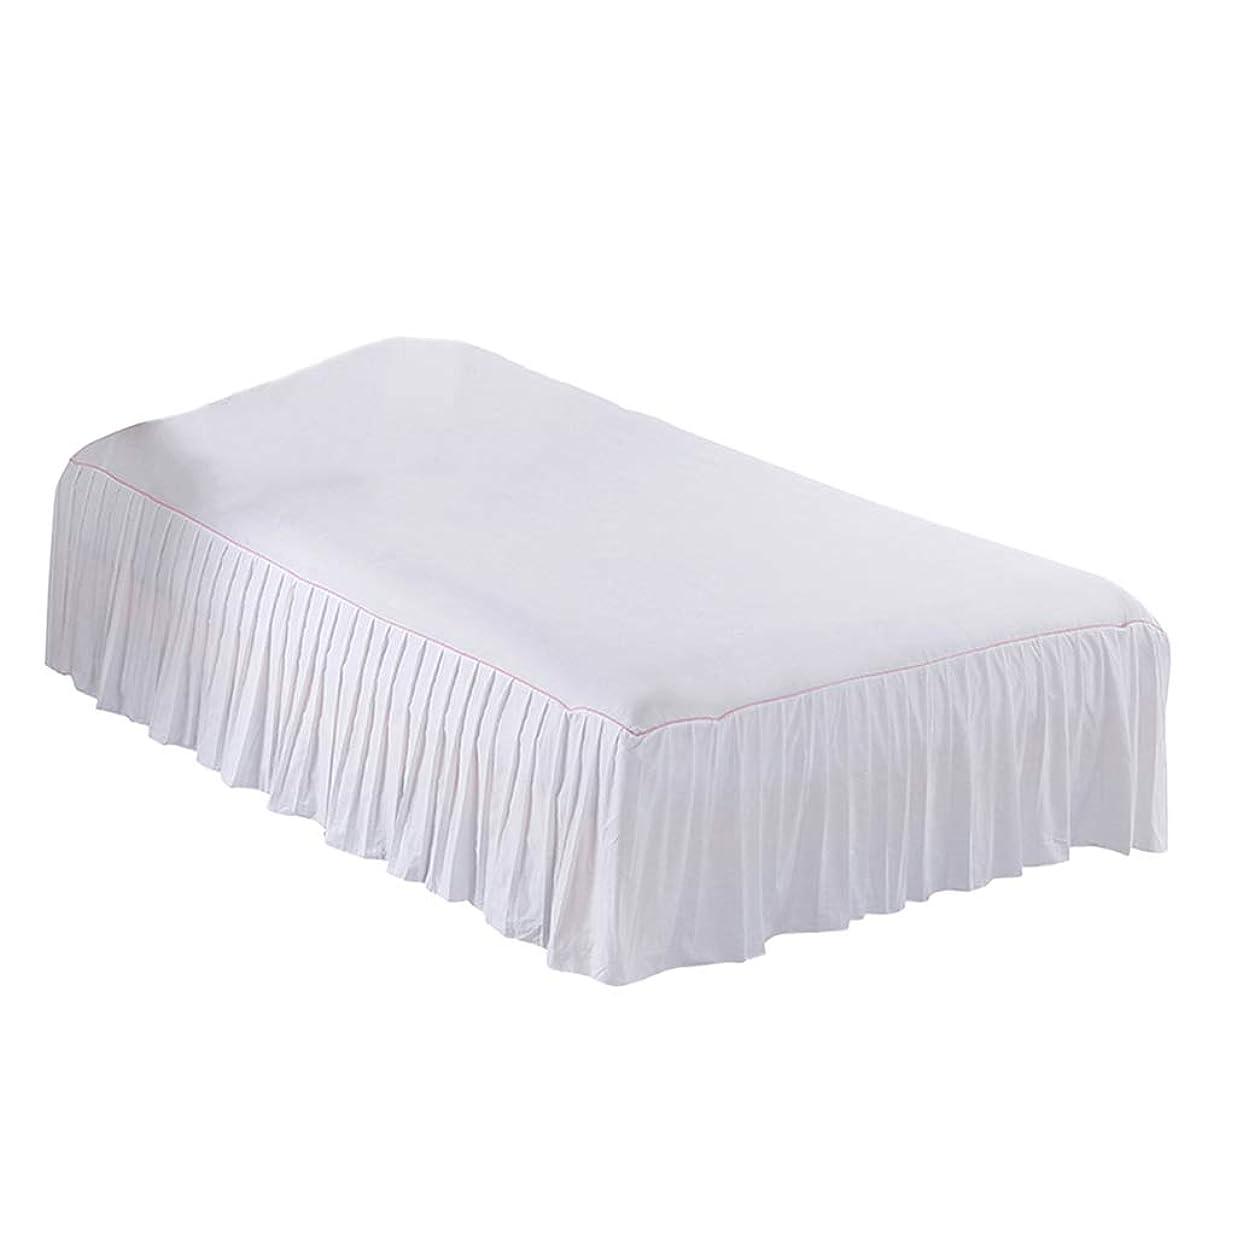 消費者値下げ以内にF Fityle 全8色2サイズ ベッドスプレッド(ベッドカバー) ベッドスカート雰囲気アップ 柔らかい ホテル品質 - ホワイト, 150x200cm